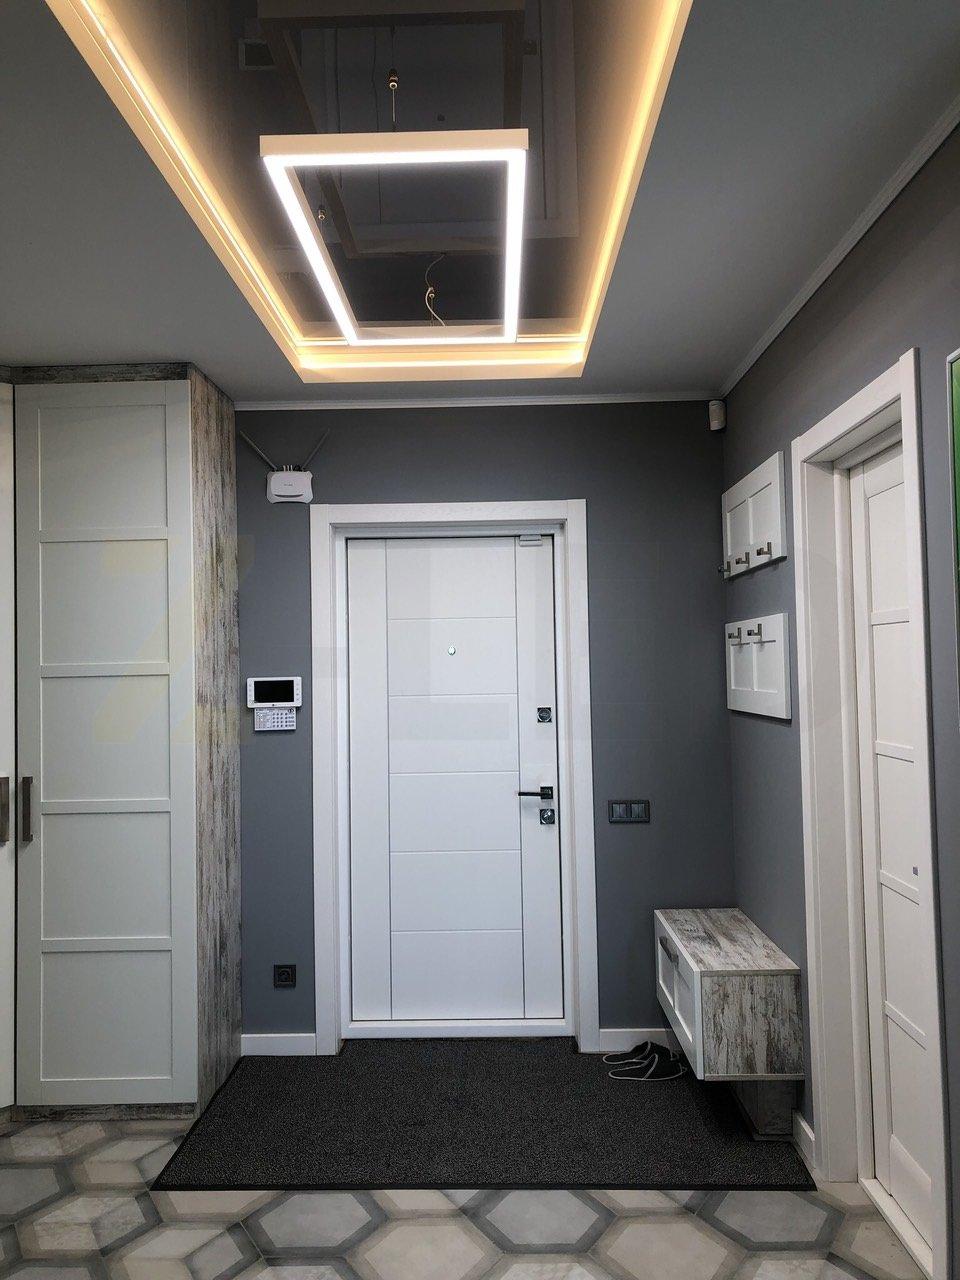 Все для ремонта и благоустройства дома, советы от компаний в Харькове, фото-35